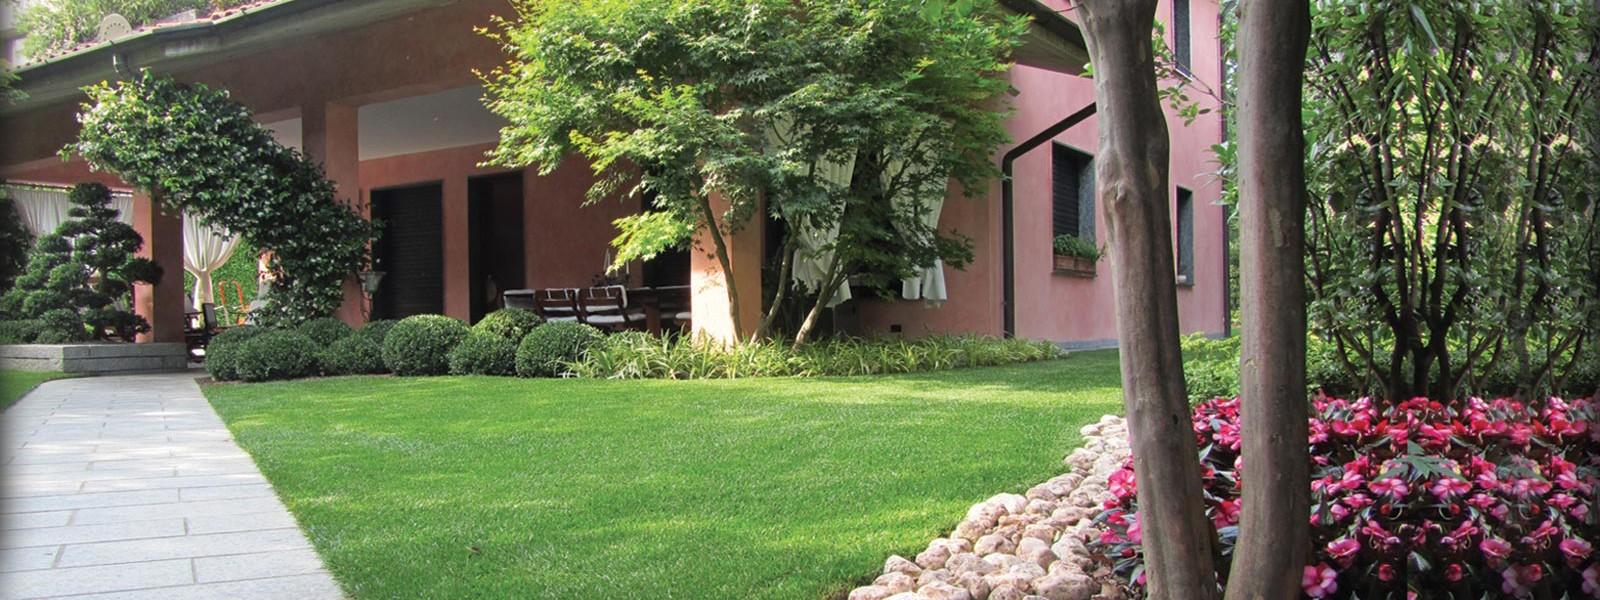 progettazione-giardini-monzaok